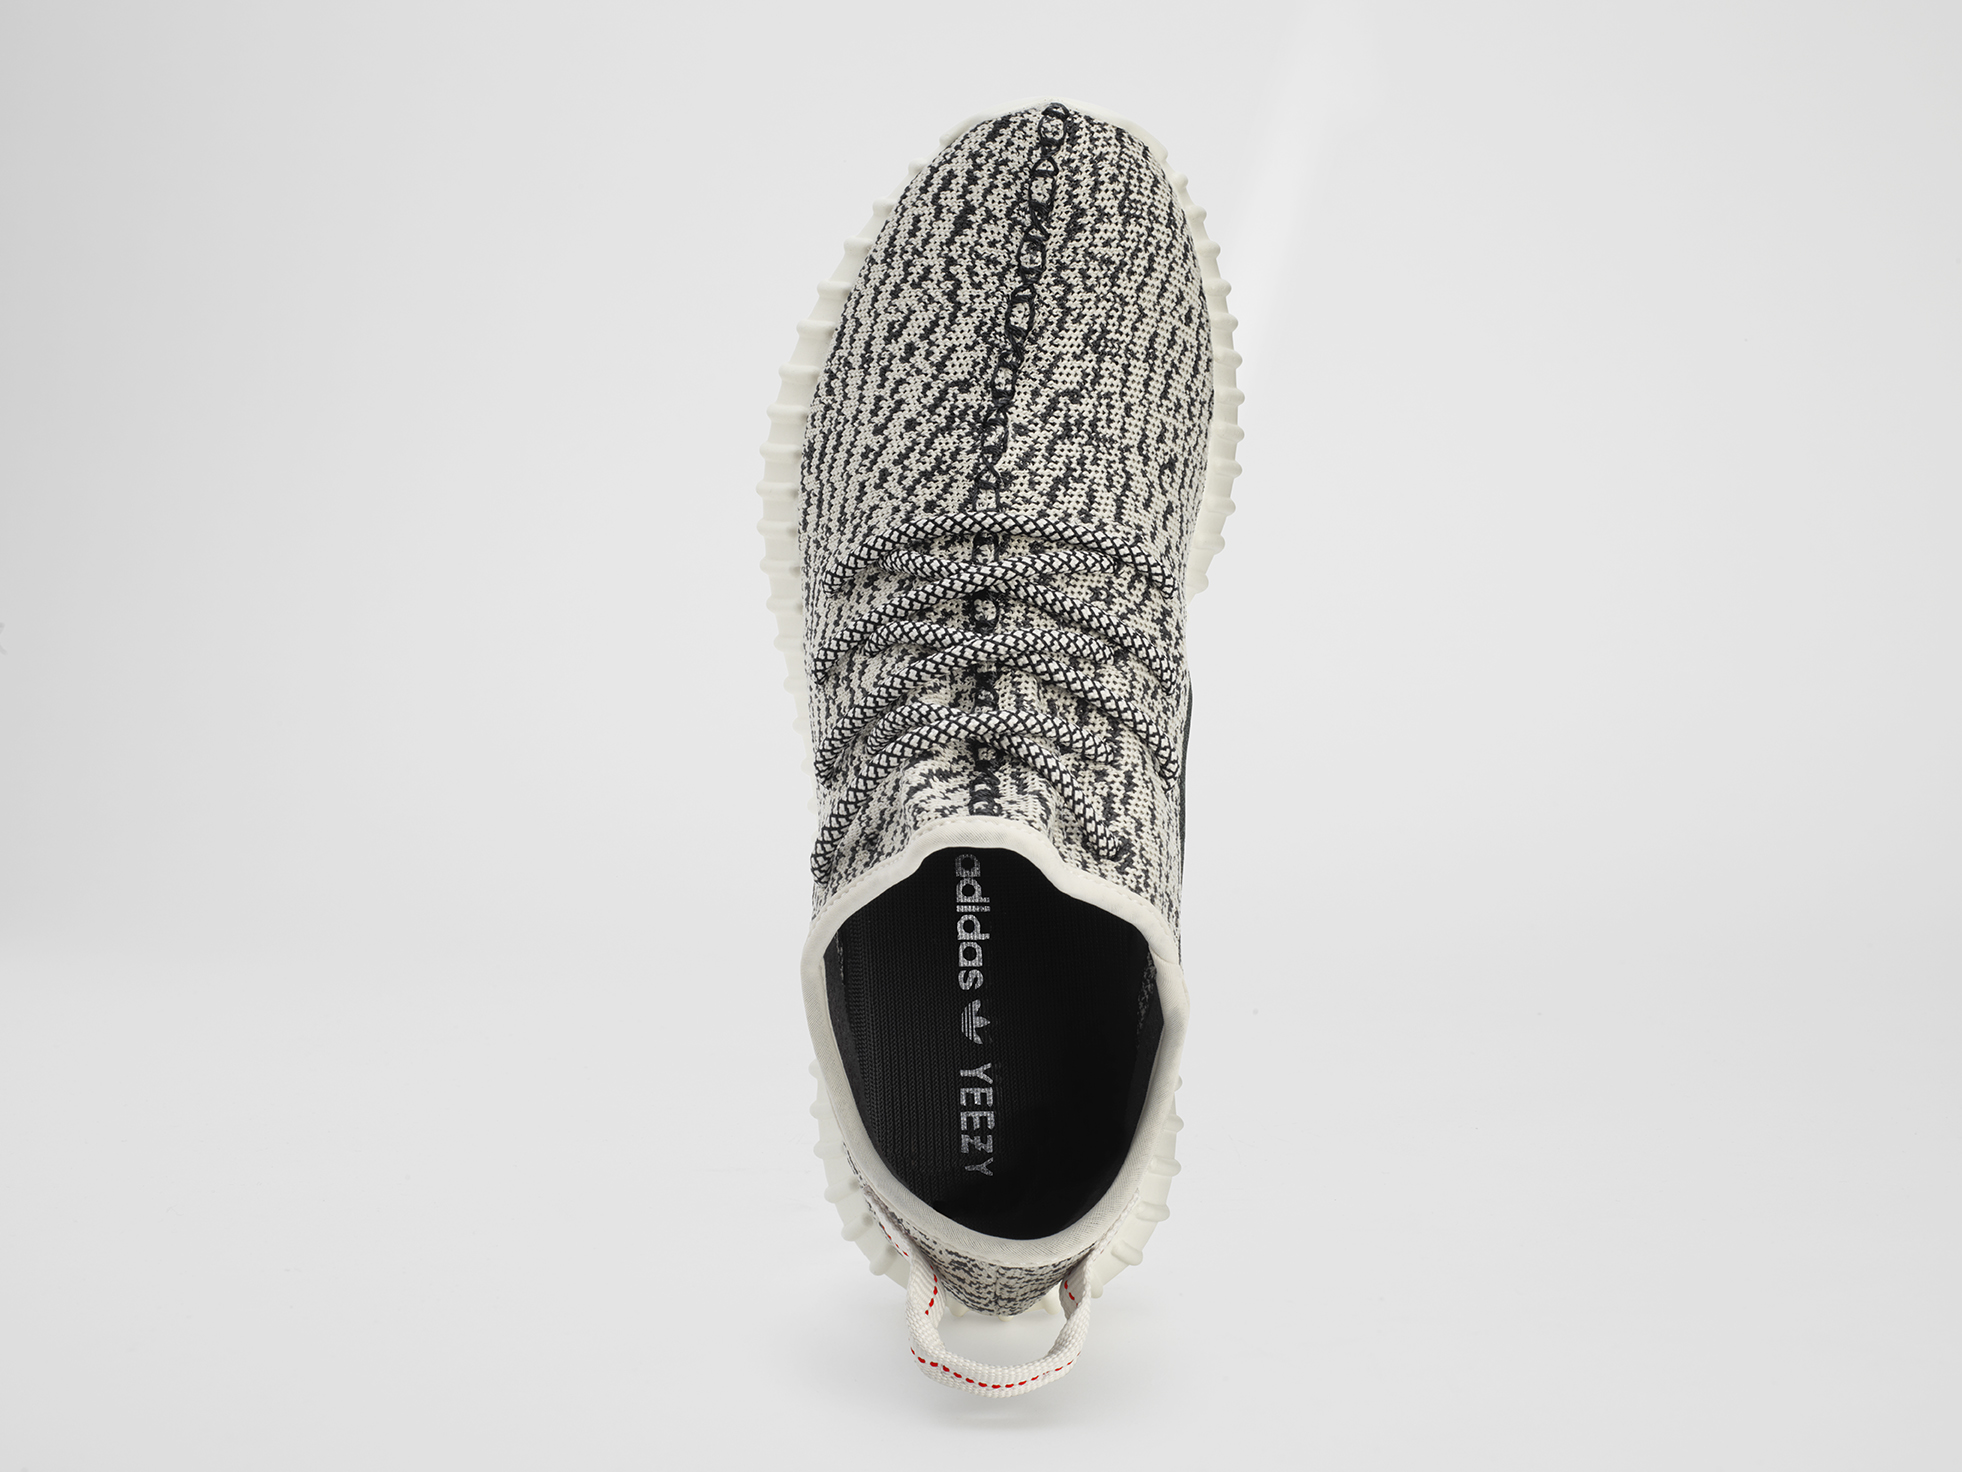 adidas Originals YZY350 (2)